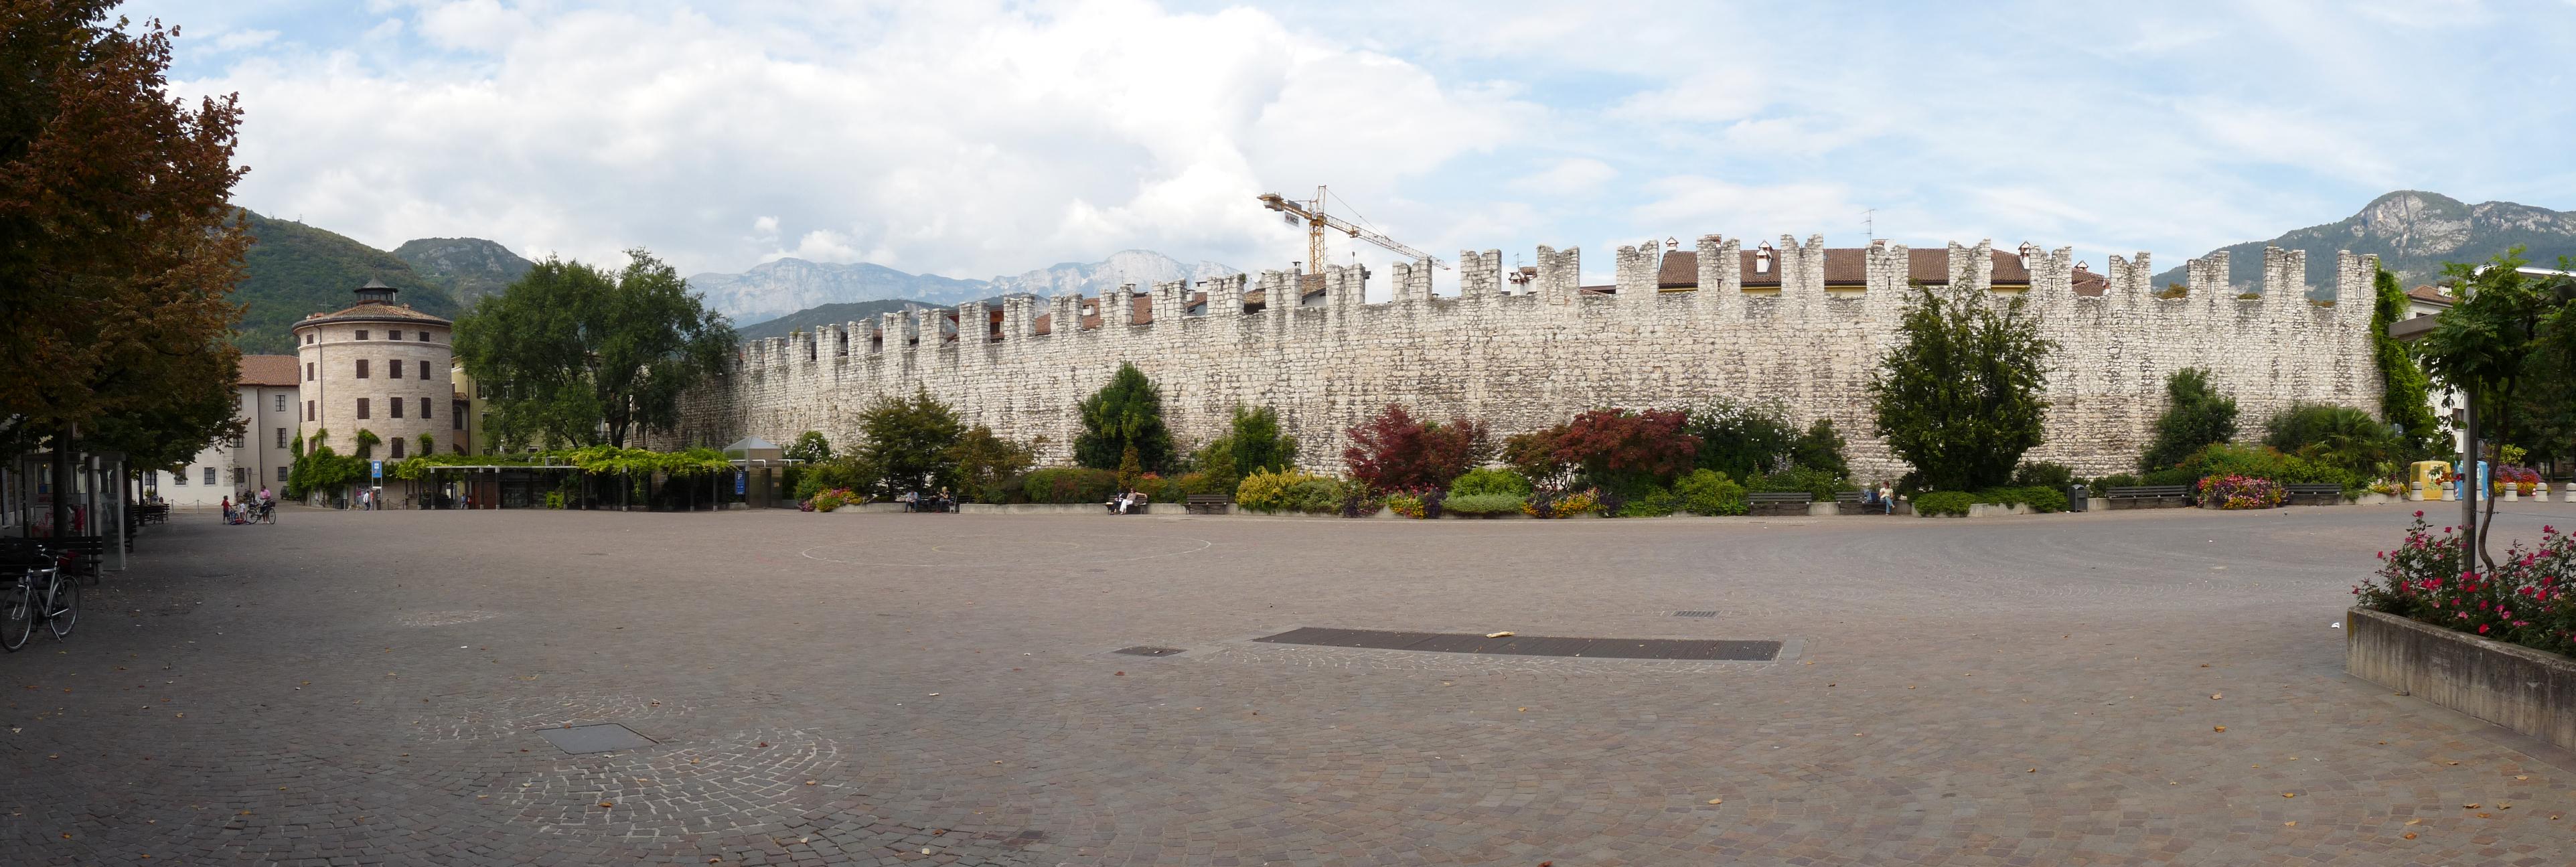 Trento Fiere Calendario.Mercatino Di Natale Di Trento Wikipedia